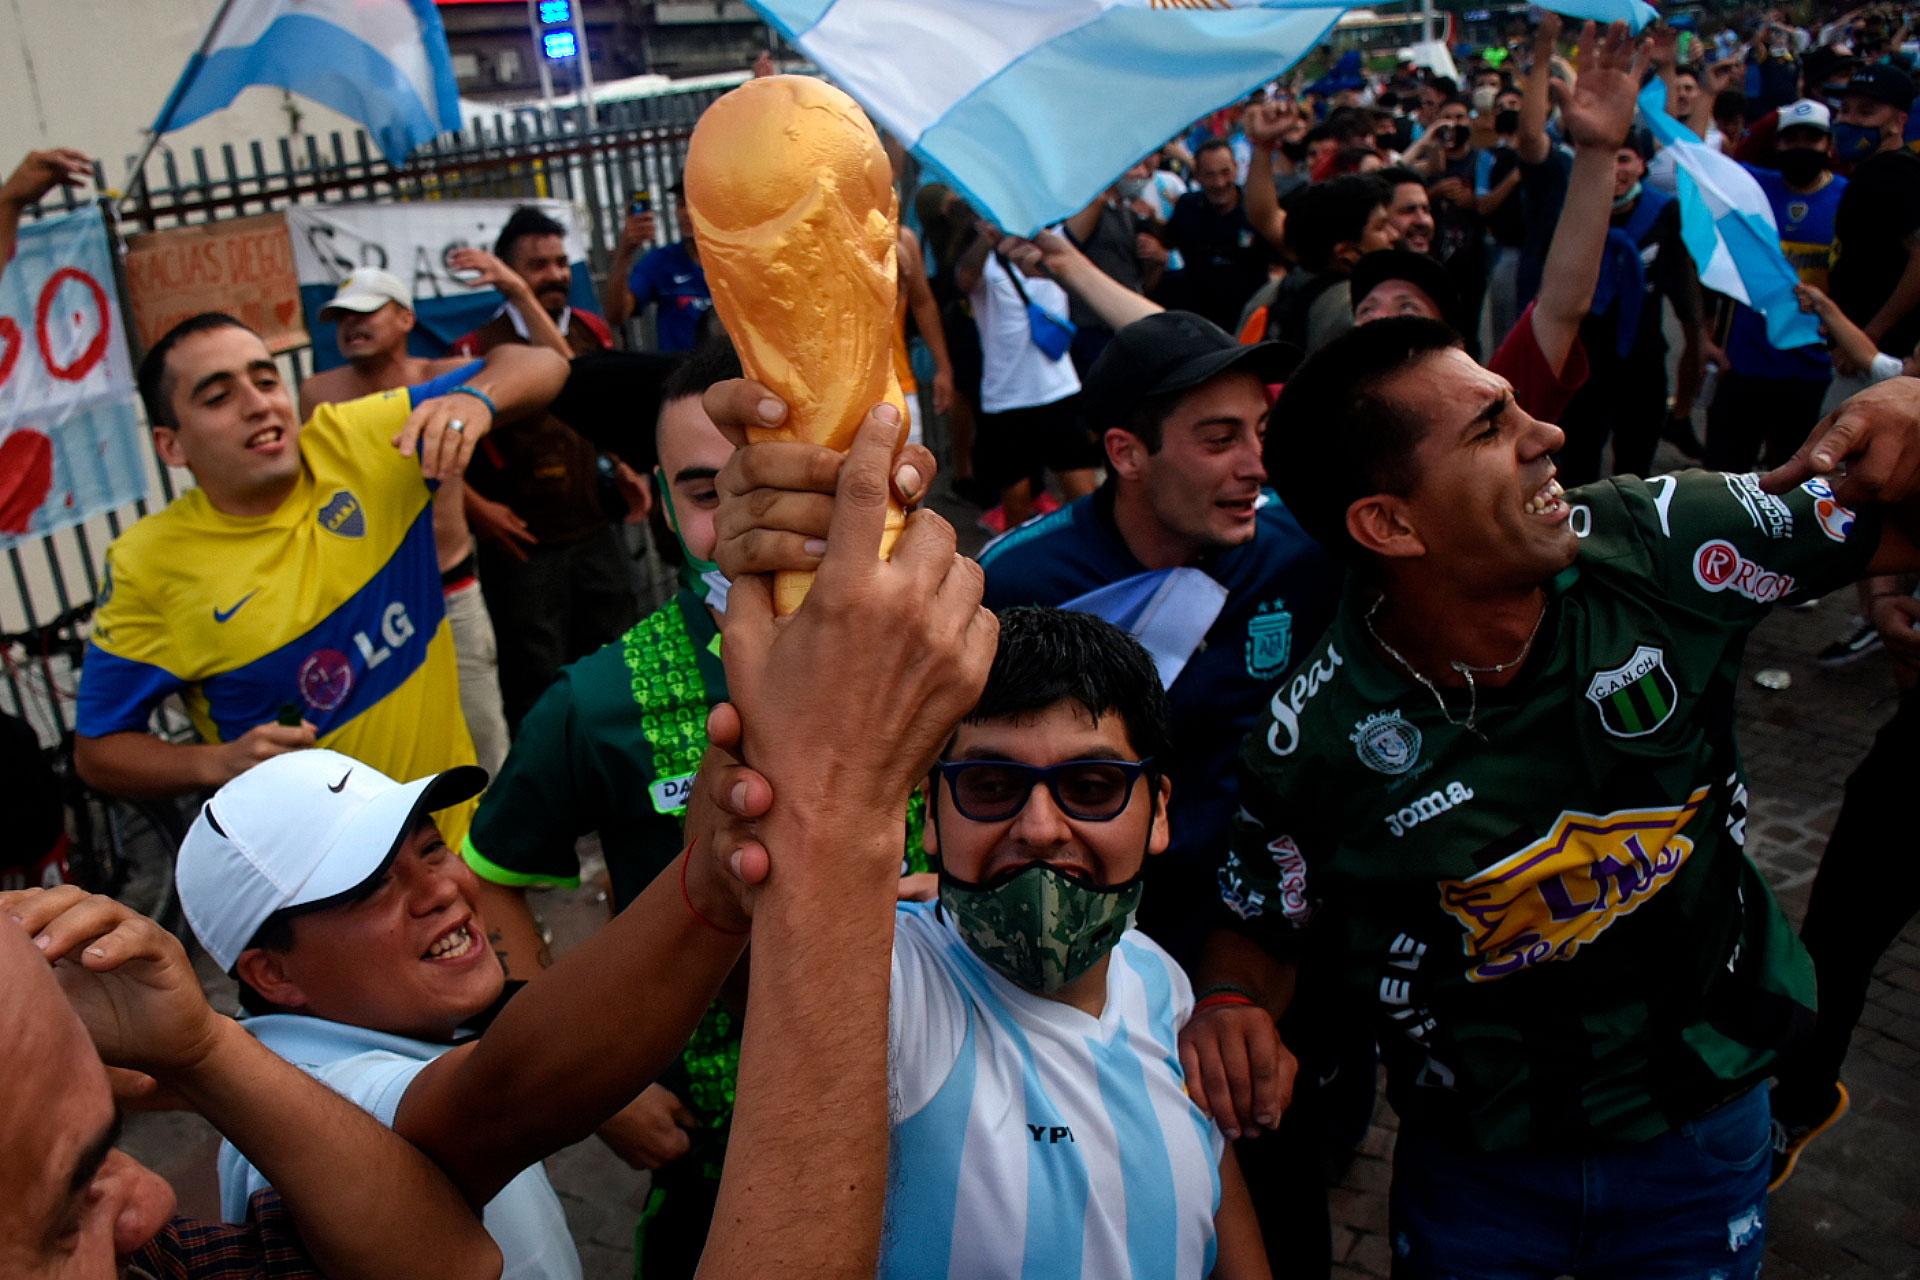 Otra vez la Copa del Mundo. Mezclados, hinchas de Chicago y Boca. Maradona no entendió de colores (Nicolás Stulberg)